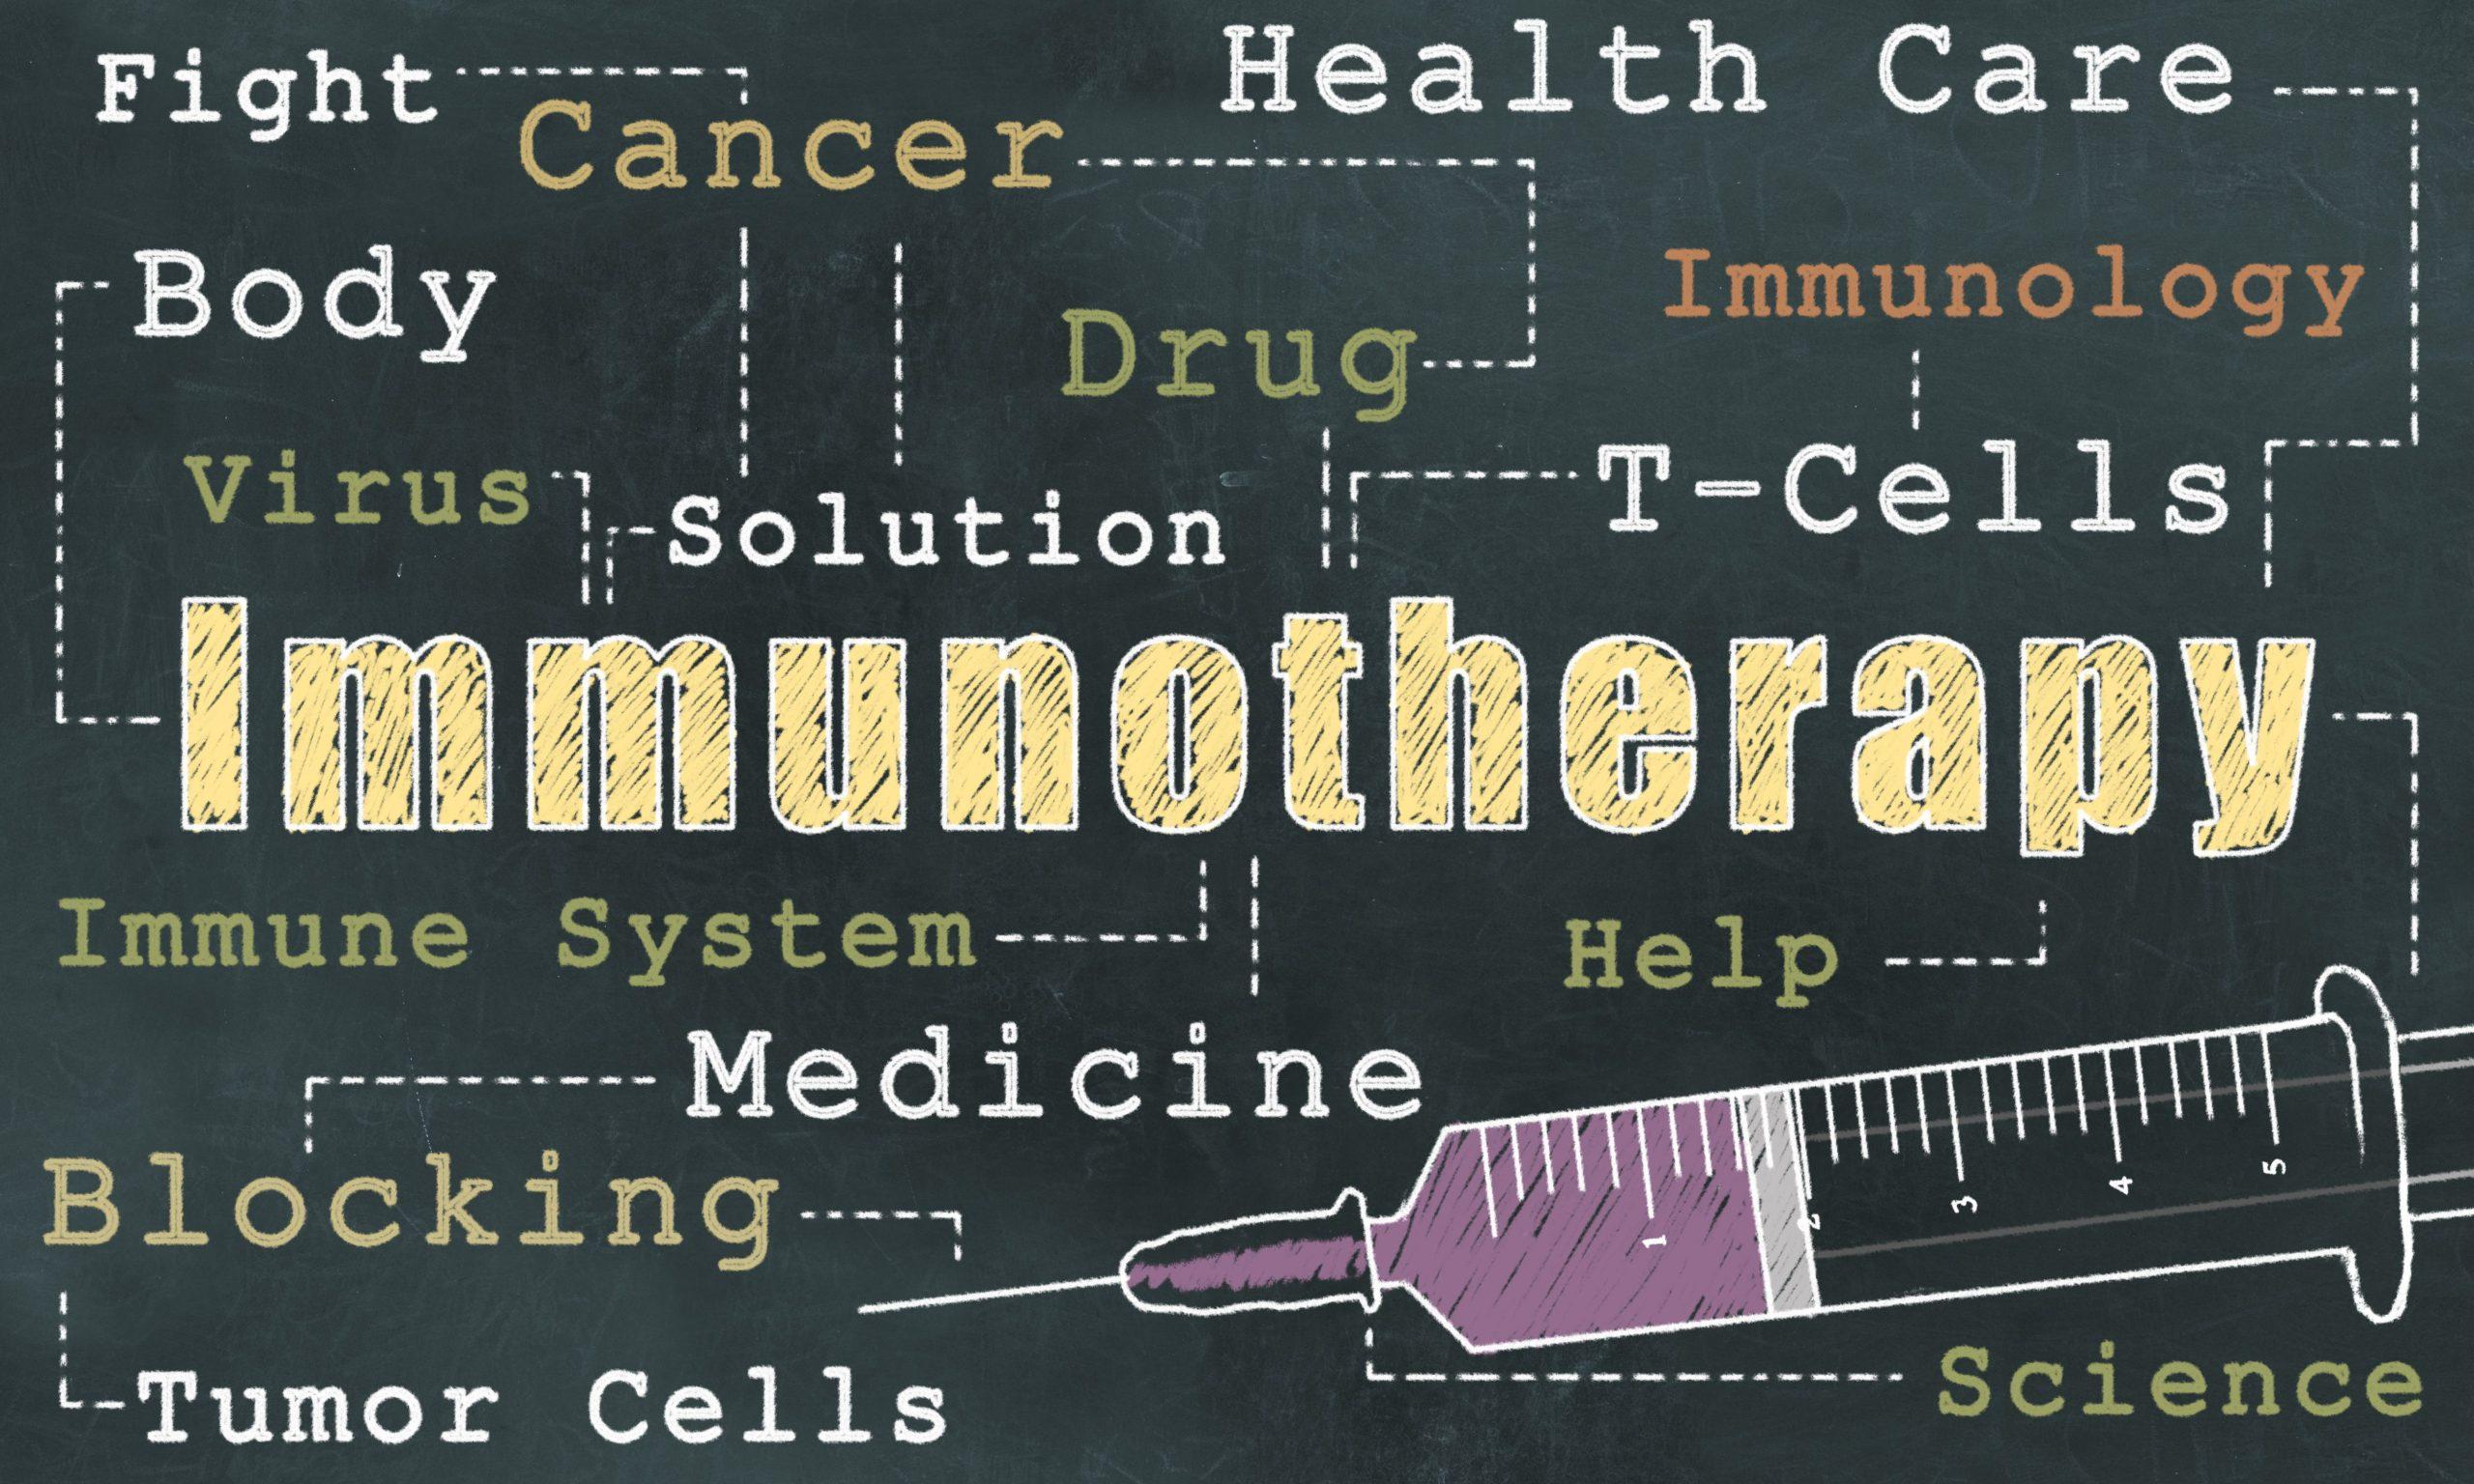 Καρκίνος ανοσοθεραπεία: Σε βάθος μελέτη των Τ κυττάρων για βελτίωση των αποτελεσμάτων